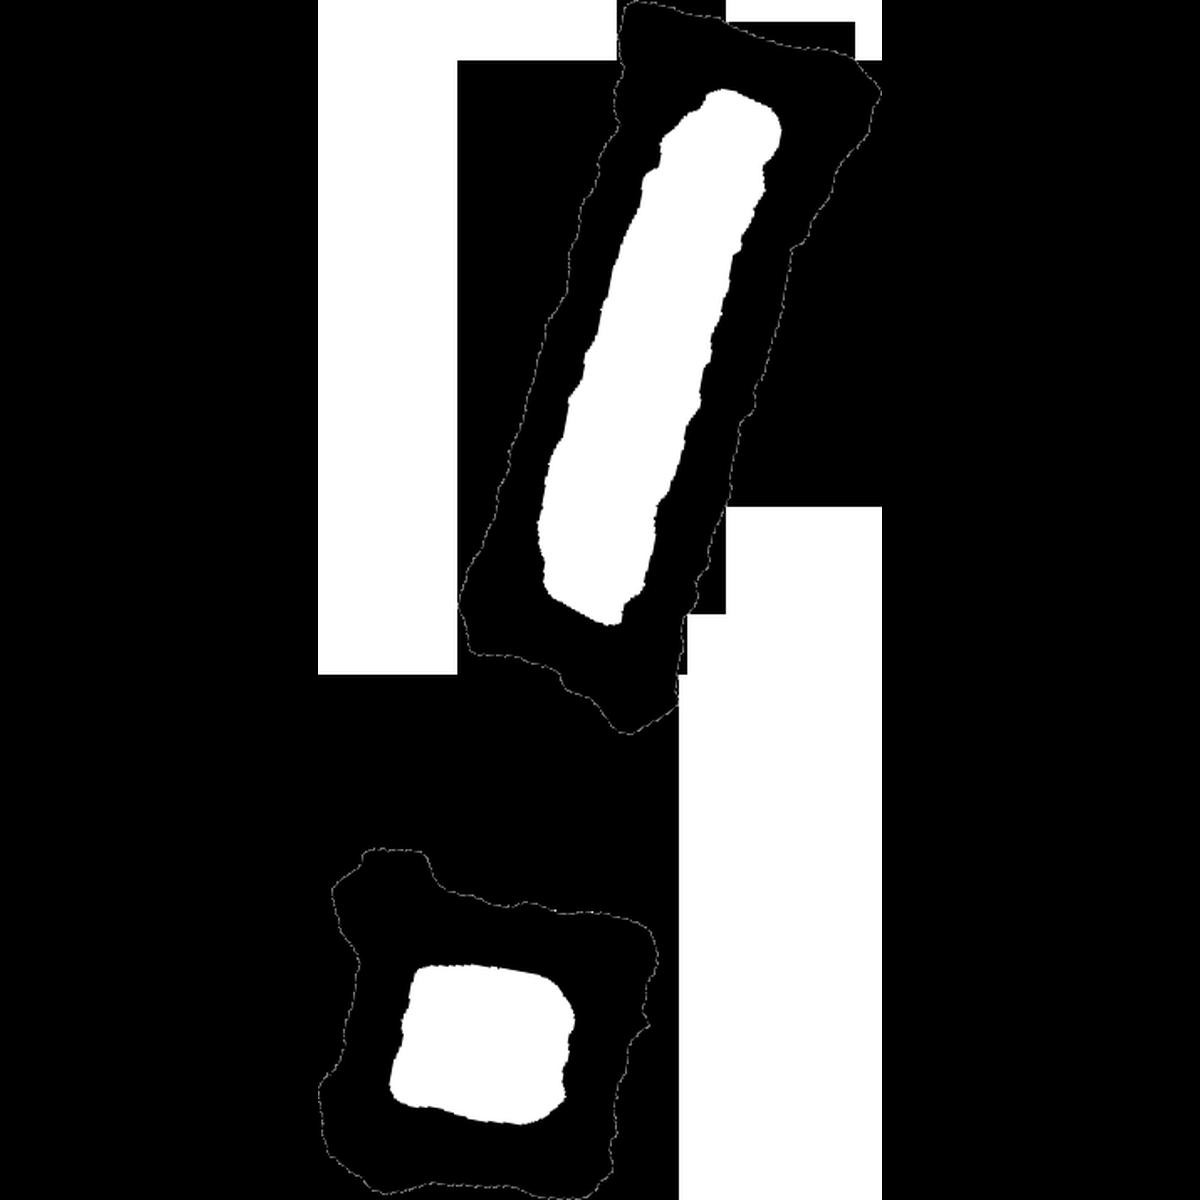 ビックリマーク1のイラスト Exclamation mark Illust